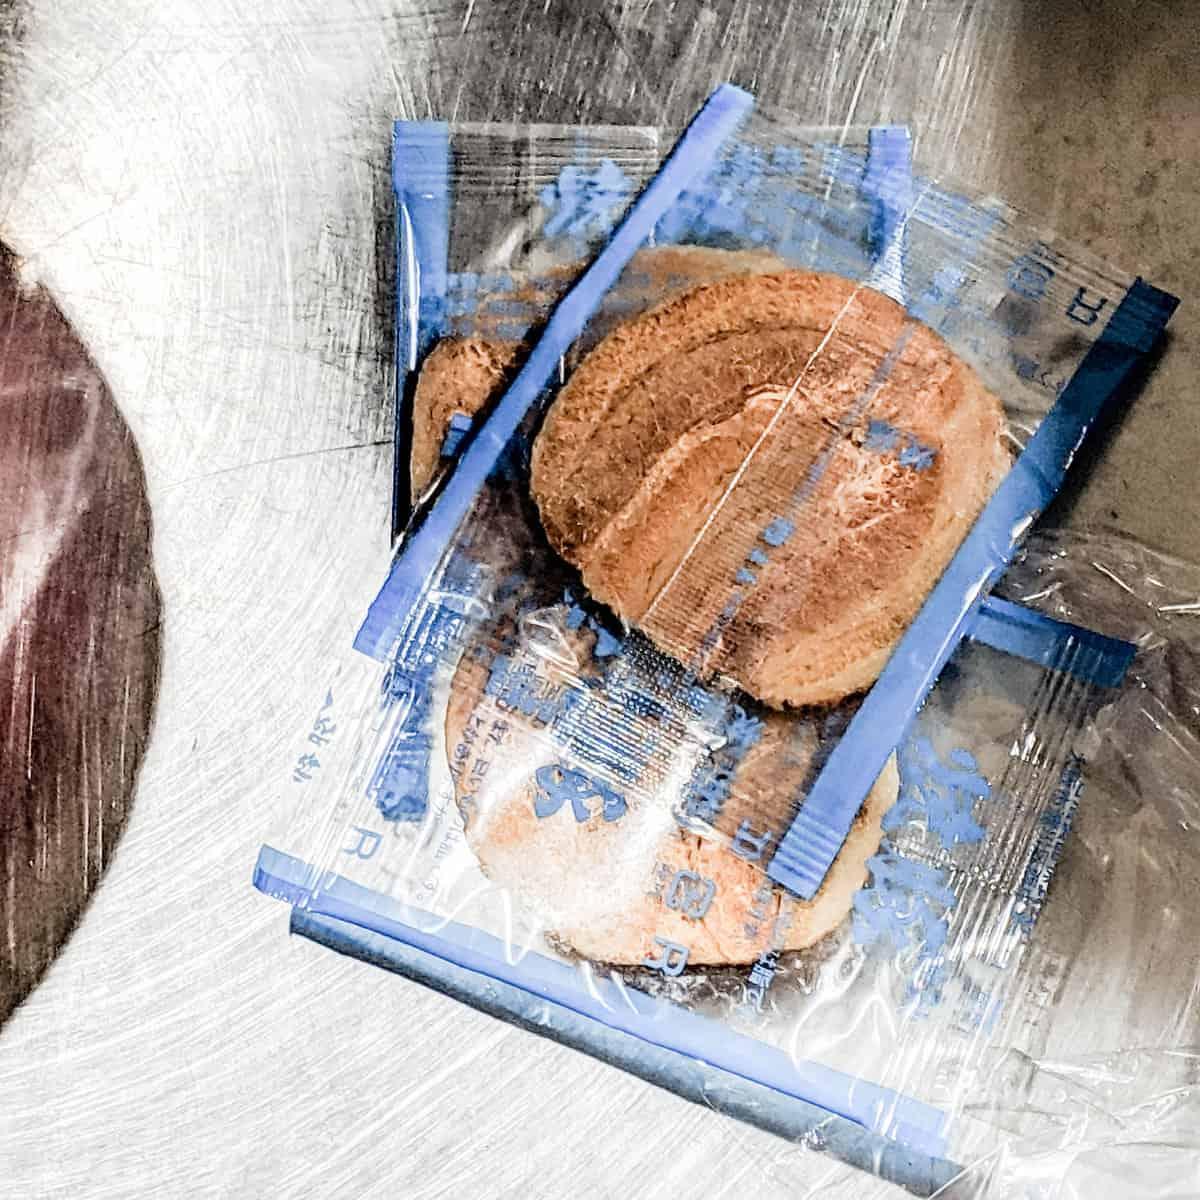 一風堂泡麵裡的乾燥肉片屬於防疫範圍內,要取出才能入境(研究生的點數旅行筆記)